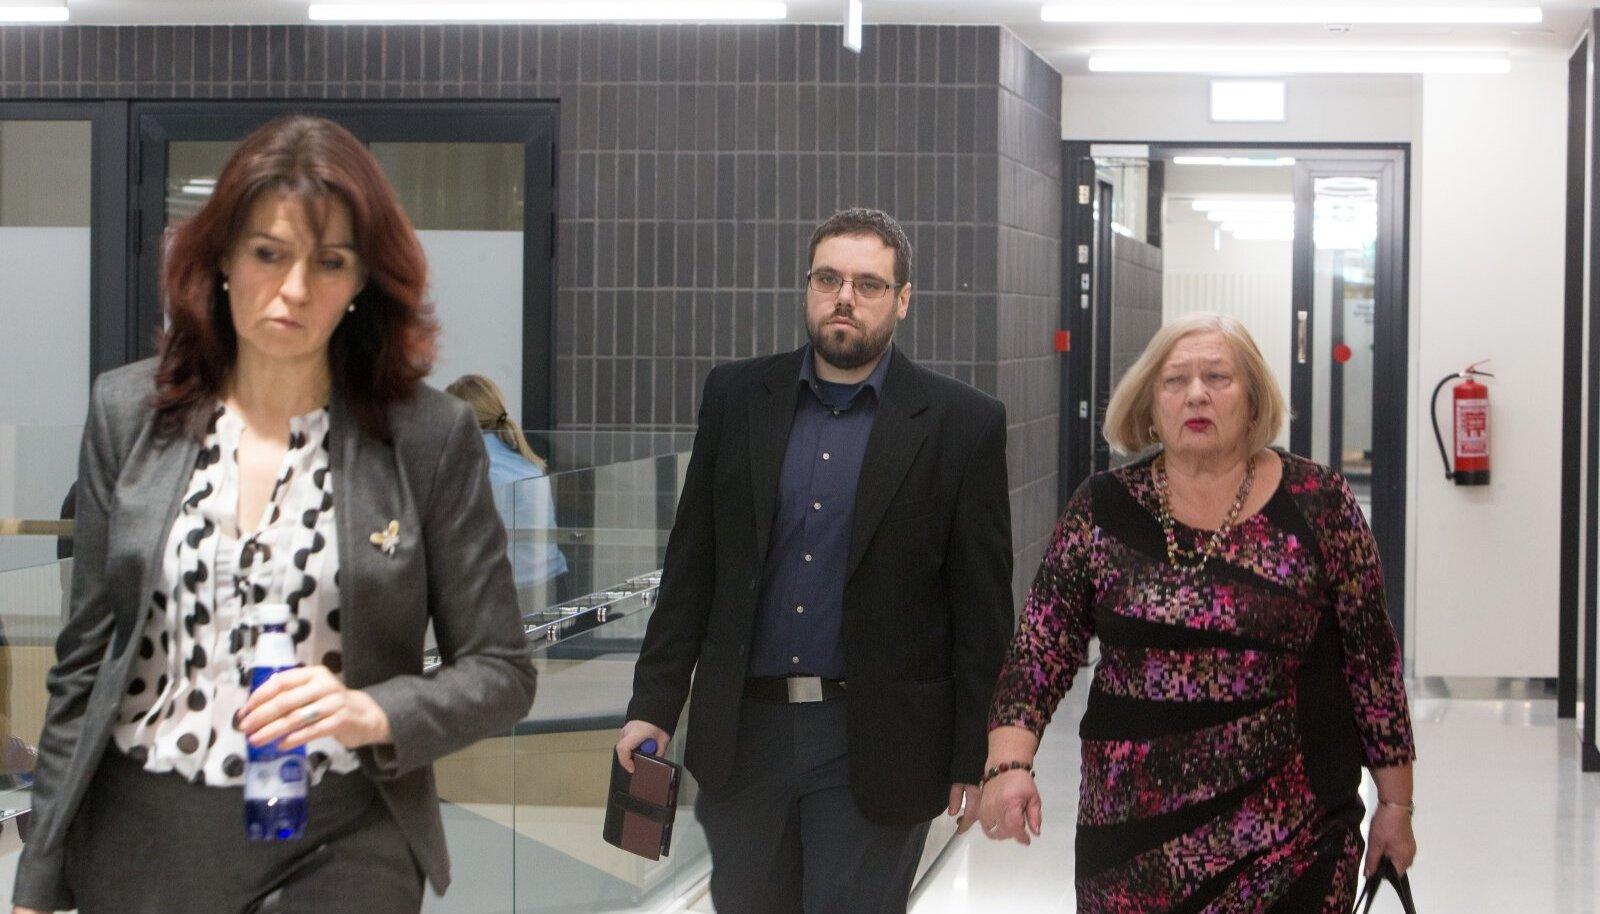 MÕISTKE MIND ÕIGEKS VÕI ÄRGE PANGE VÄHEMALT VANGI: Advokaat Anu Vilt, kohtualune Karel Šmutov ja advokaat Sirje Must.